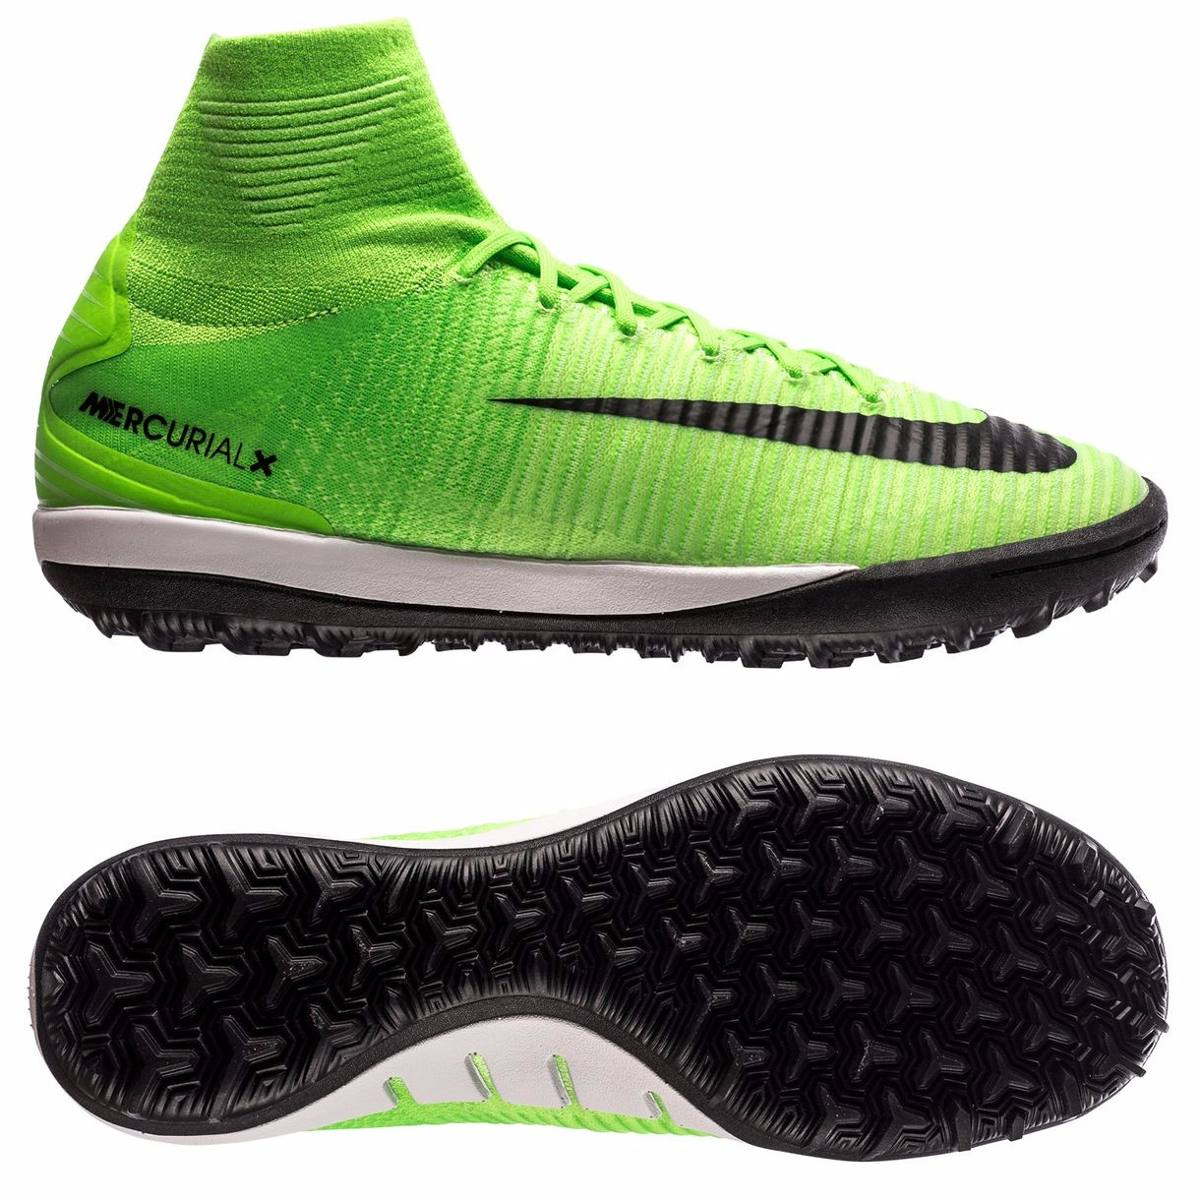 Chuteira Society Nike Mercurial X Proximo 2 Tf Cano Alto - R  399 bcc452add16c6